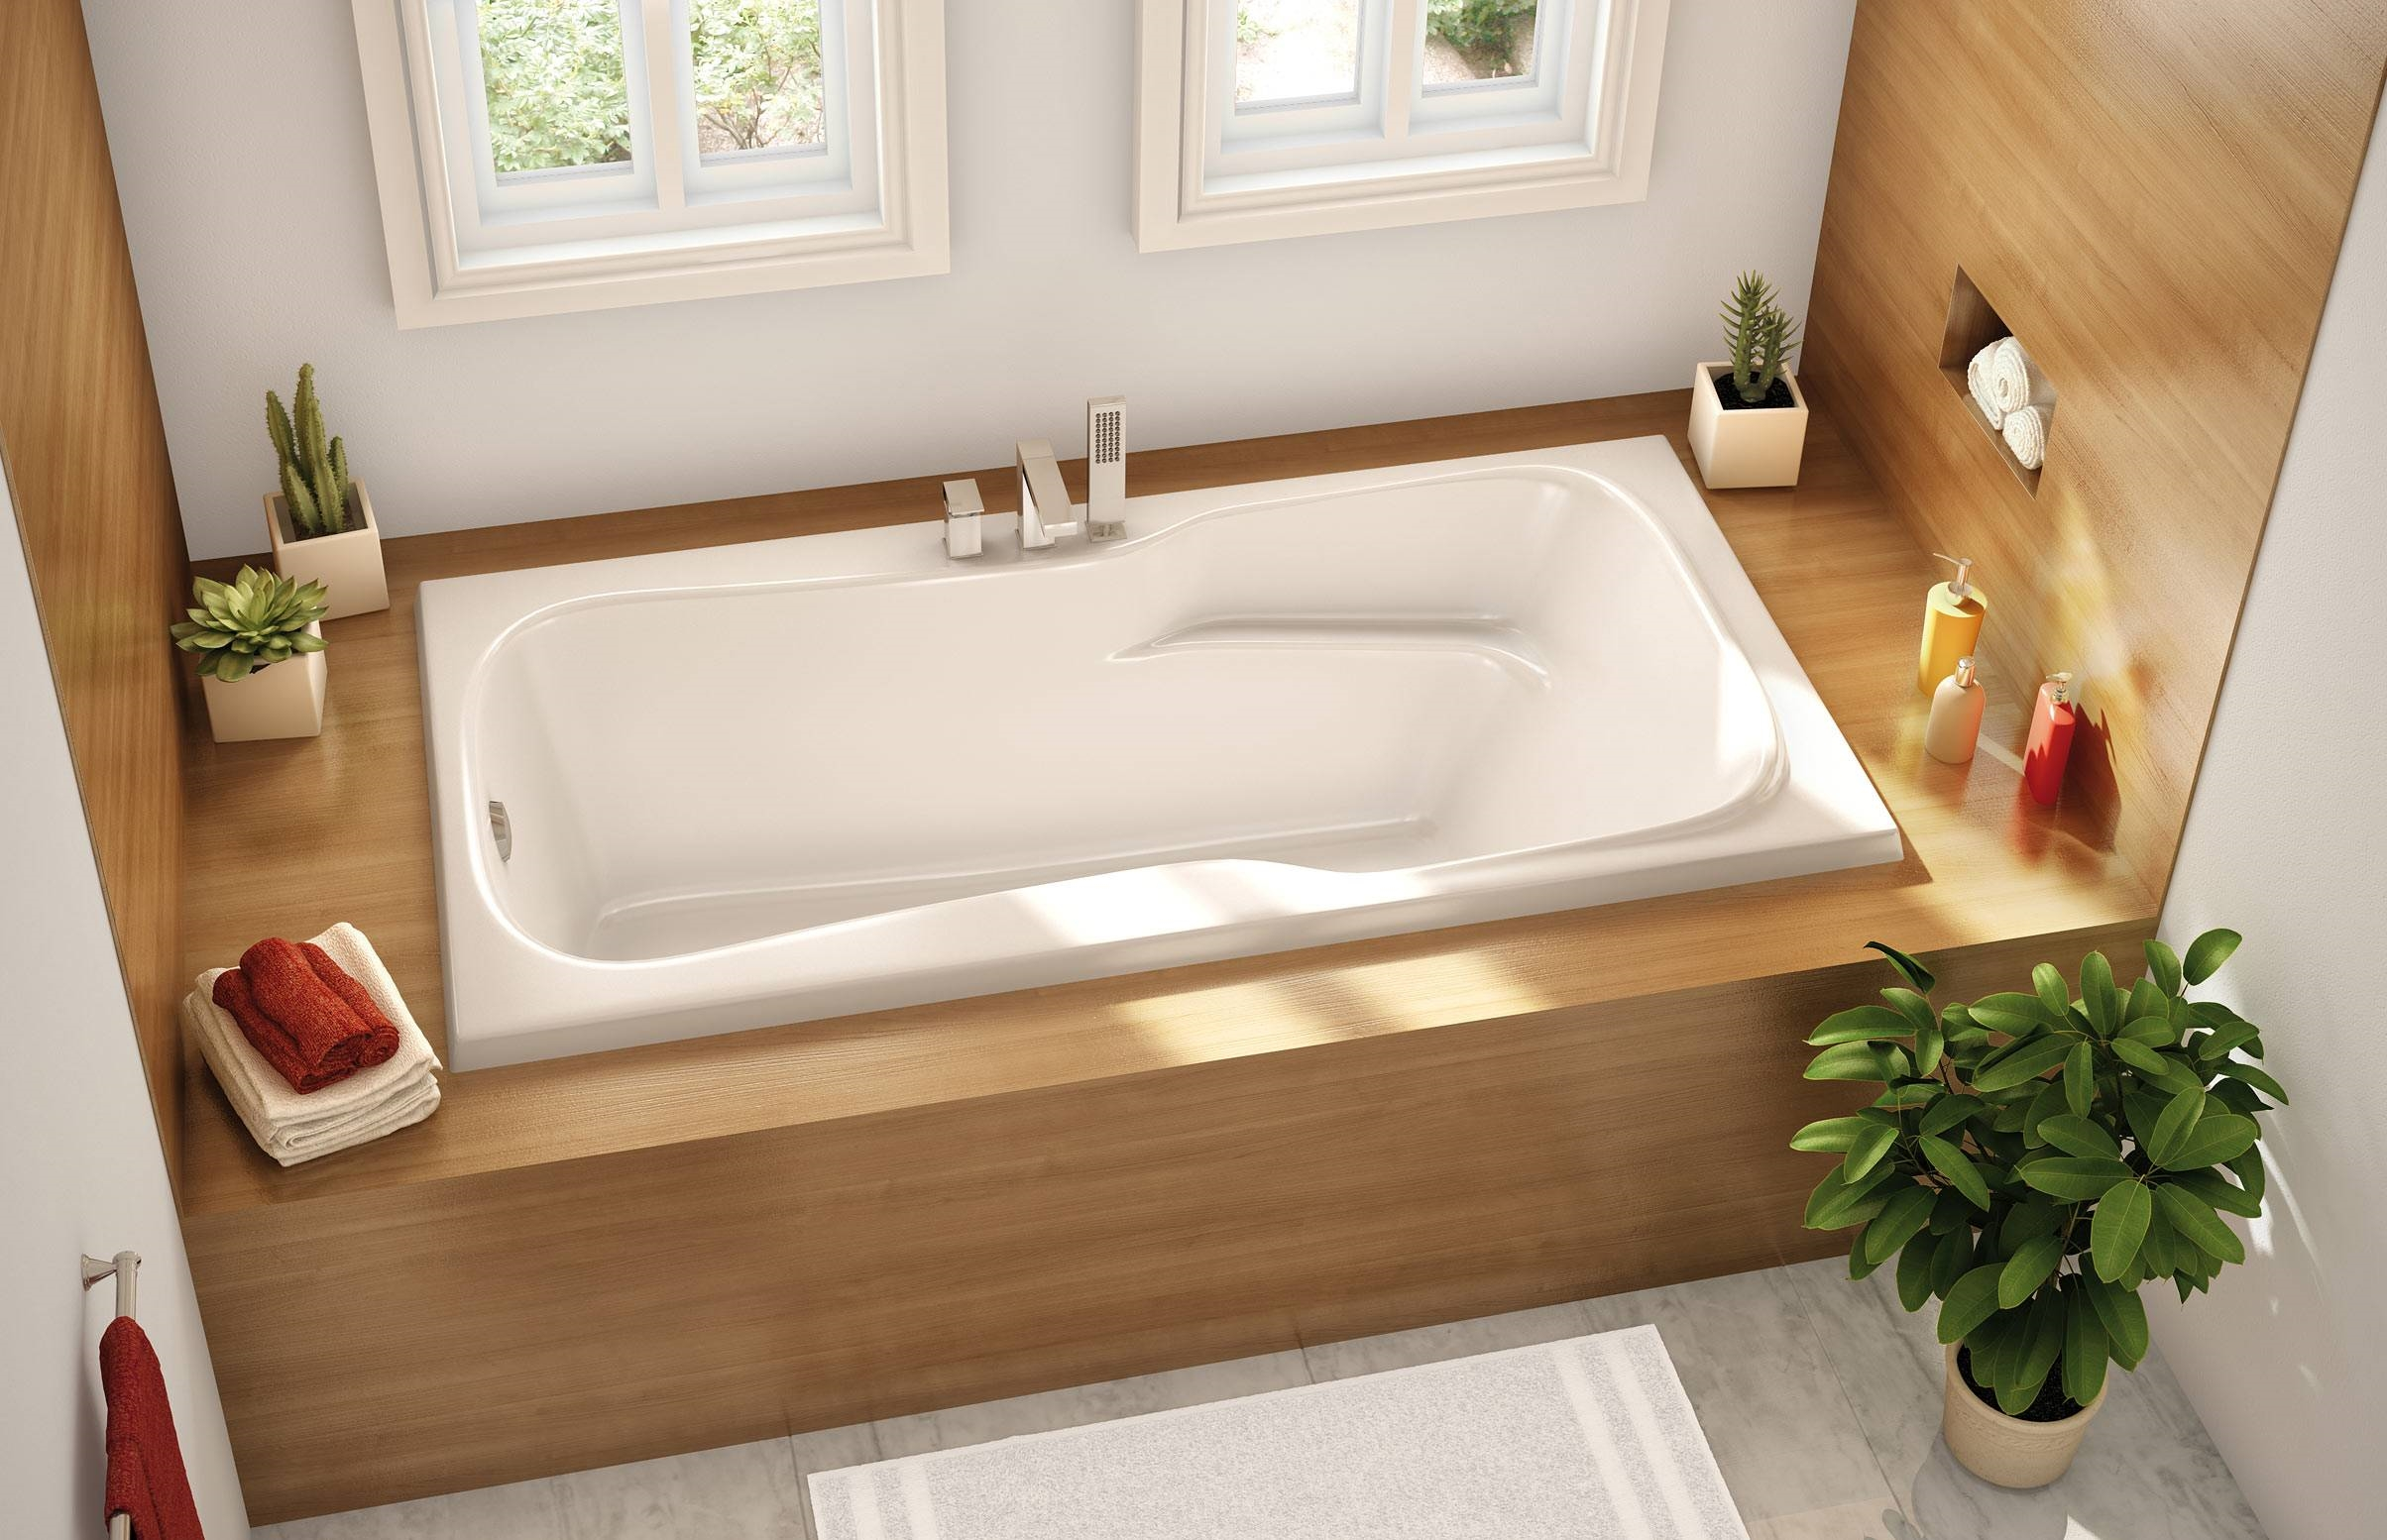 Vasca Da Bagno Ad Incasso Prezzi : Vasche da bagno incassate. le vasche possono essere installate in